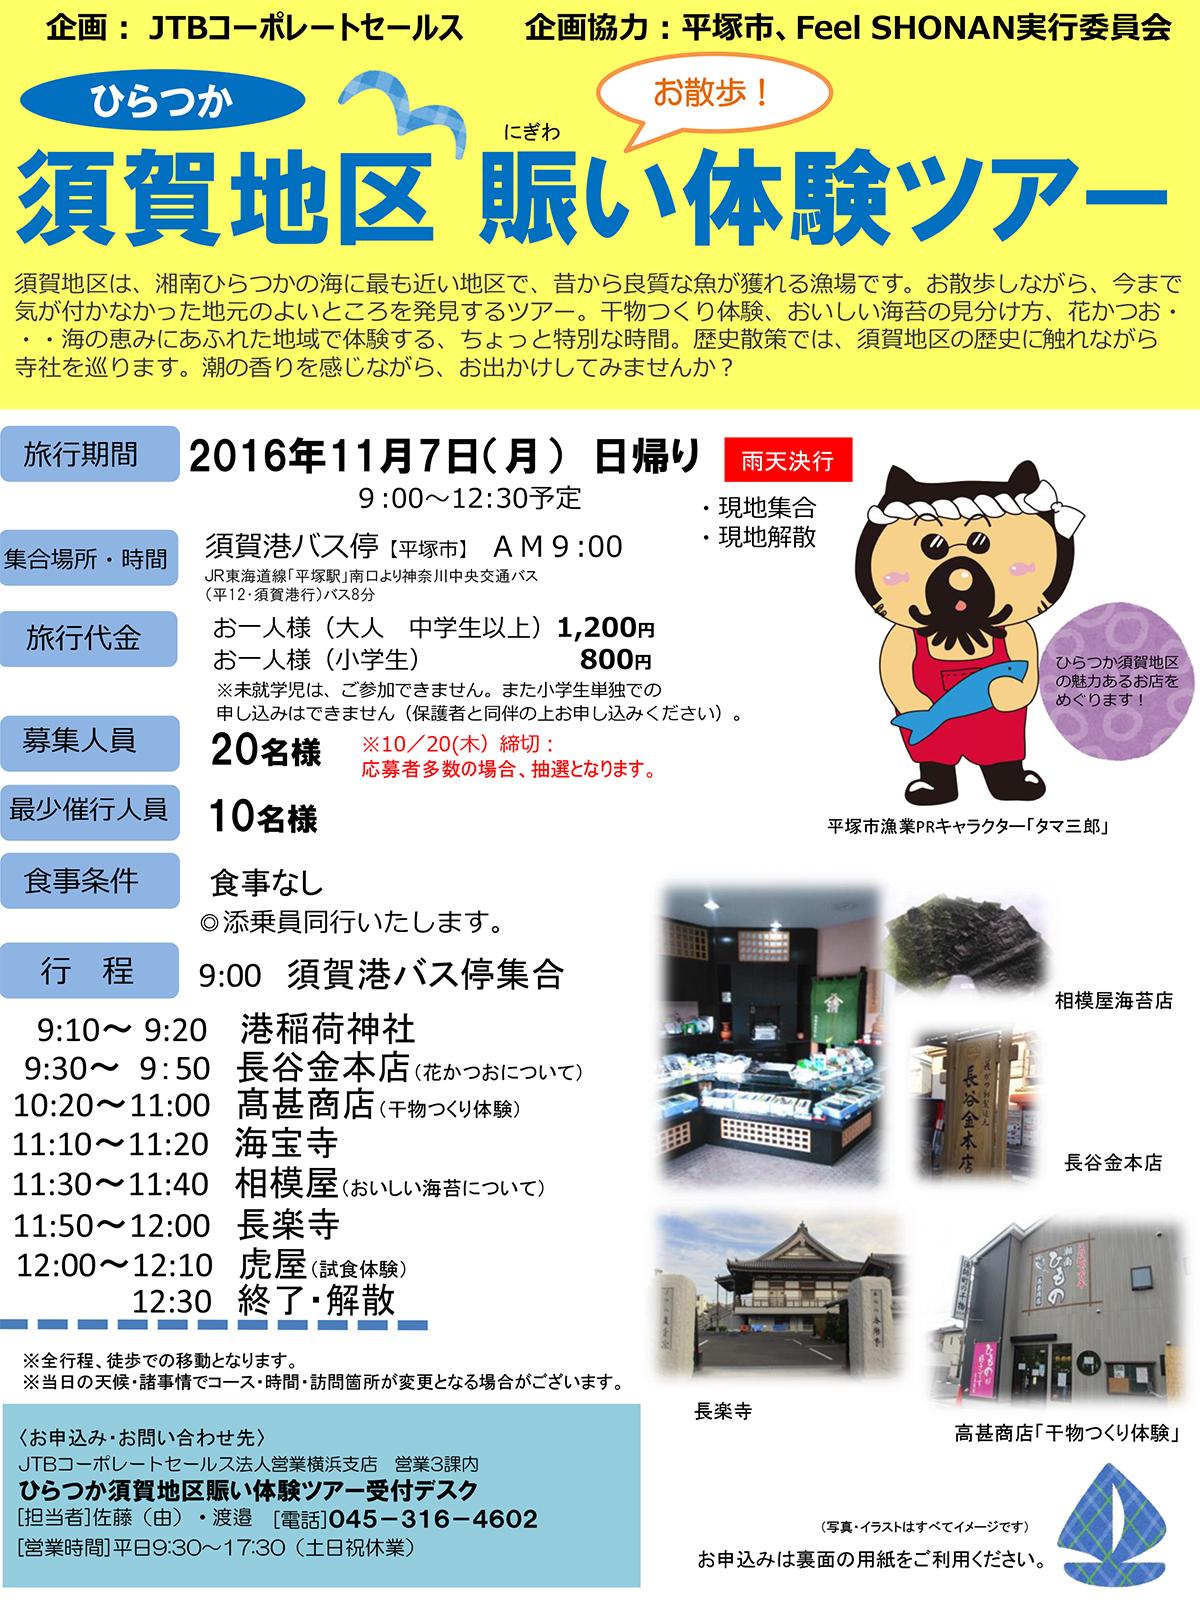 須賀地区賑い体験ツアー2